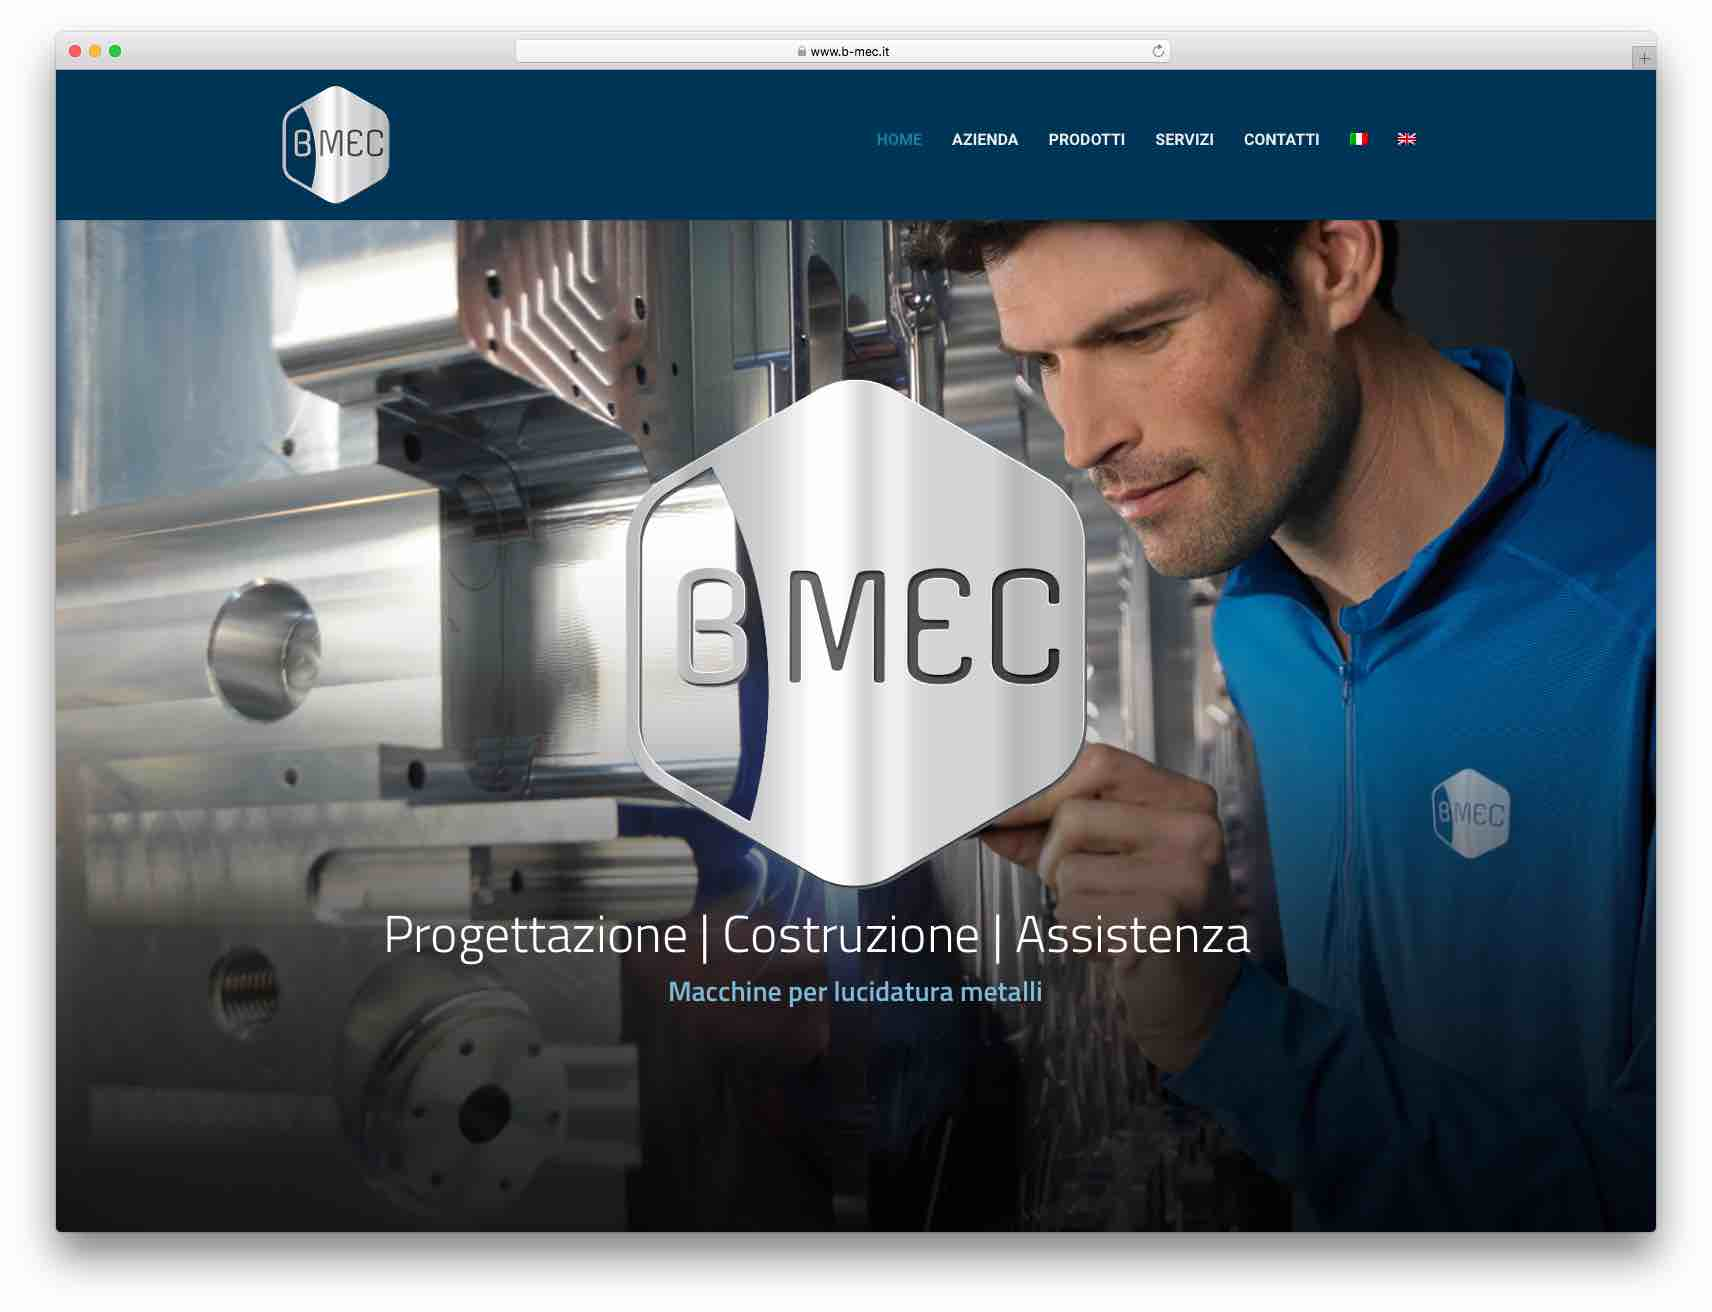 Creazione Siti Web Brescia - Sito Web B-MEC